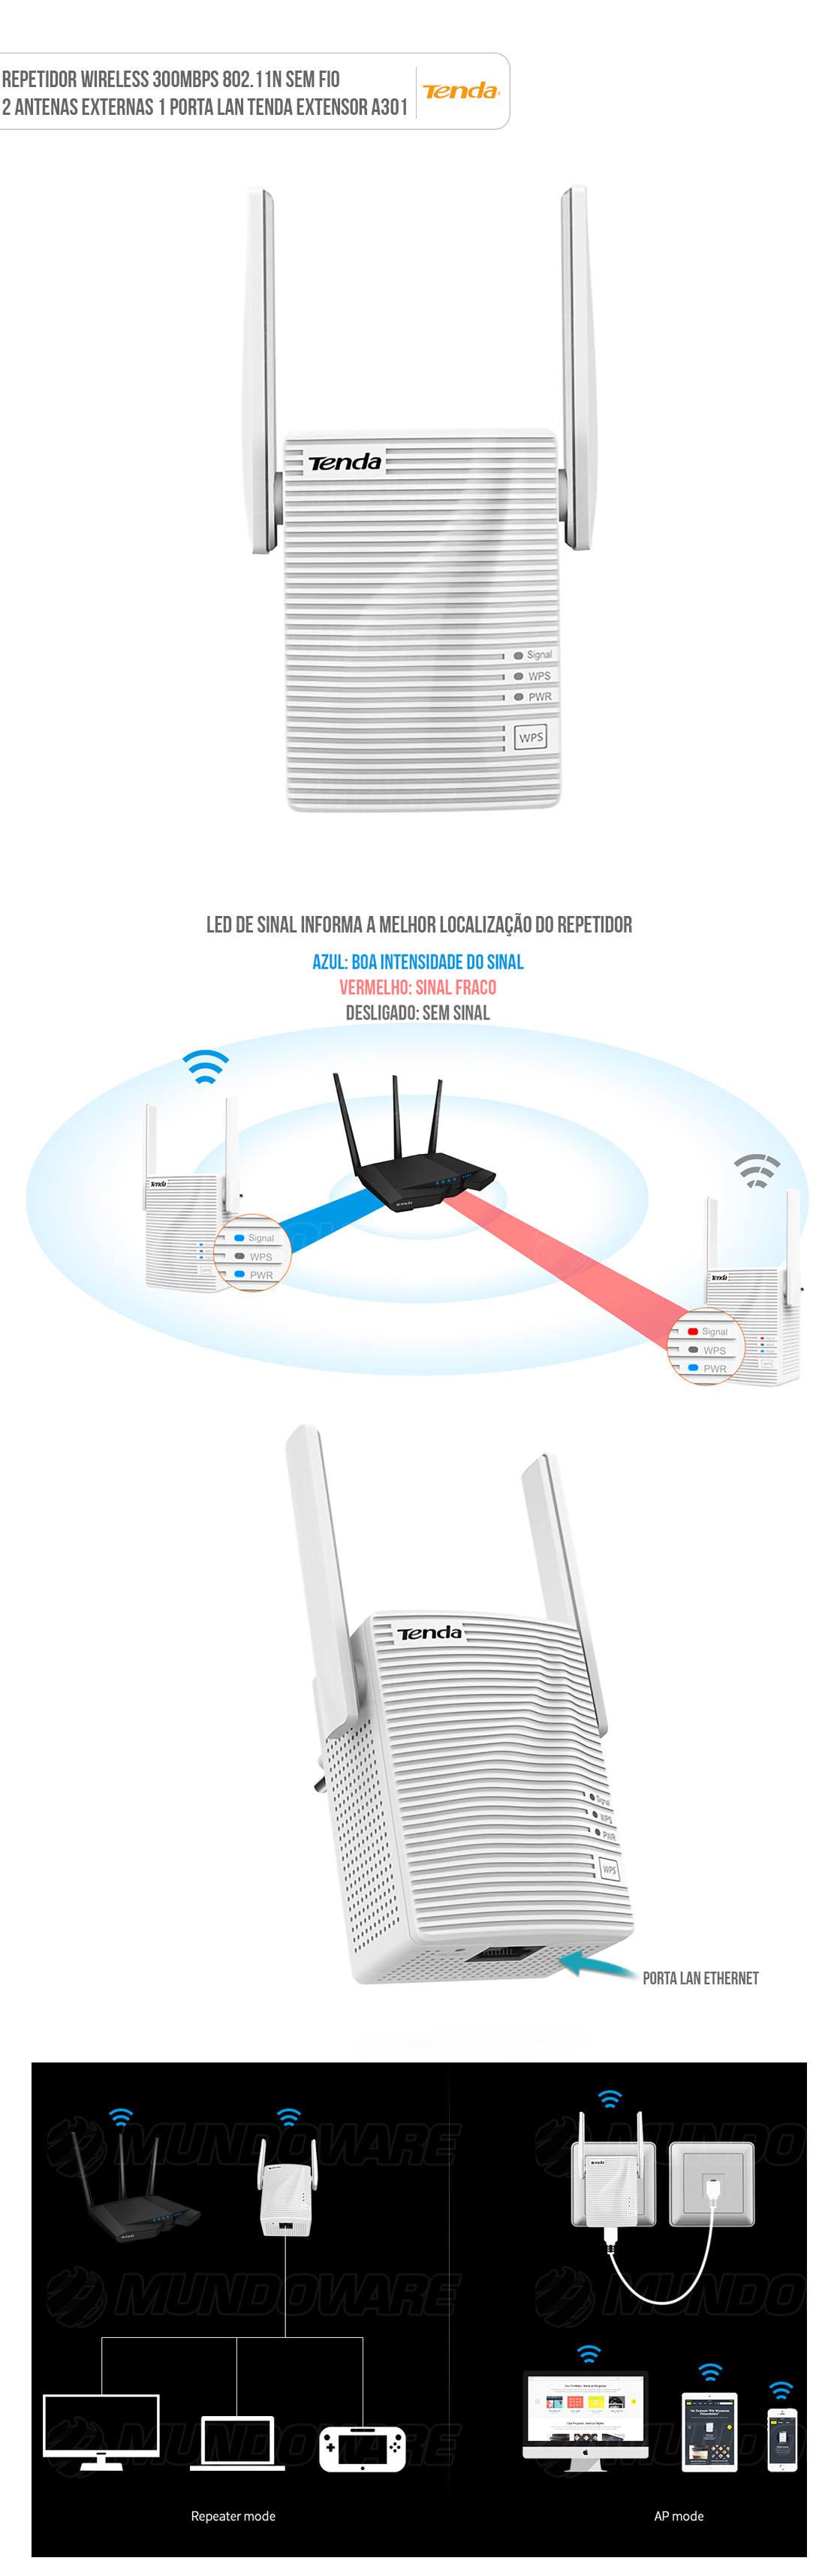 Repetidor Wireless 300Mbps 802.11N com 2 Antenas Externas e 1 Porta LAN Tenda Extensor Sem Fio A301